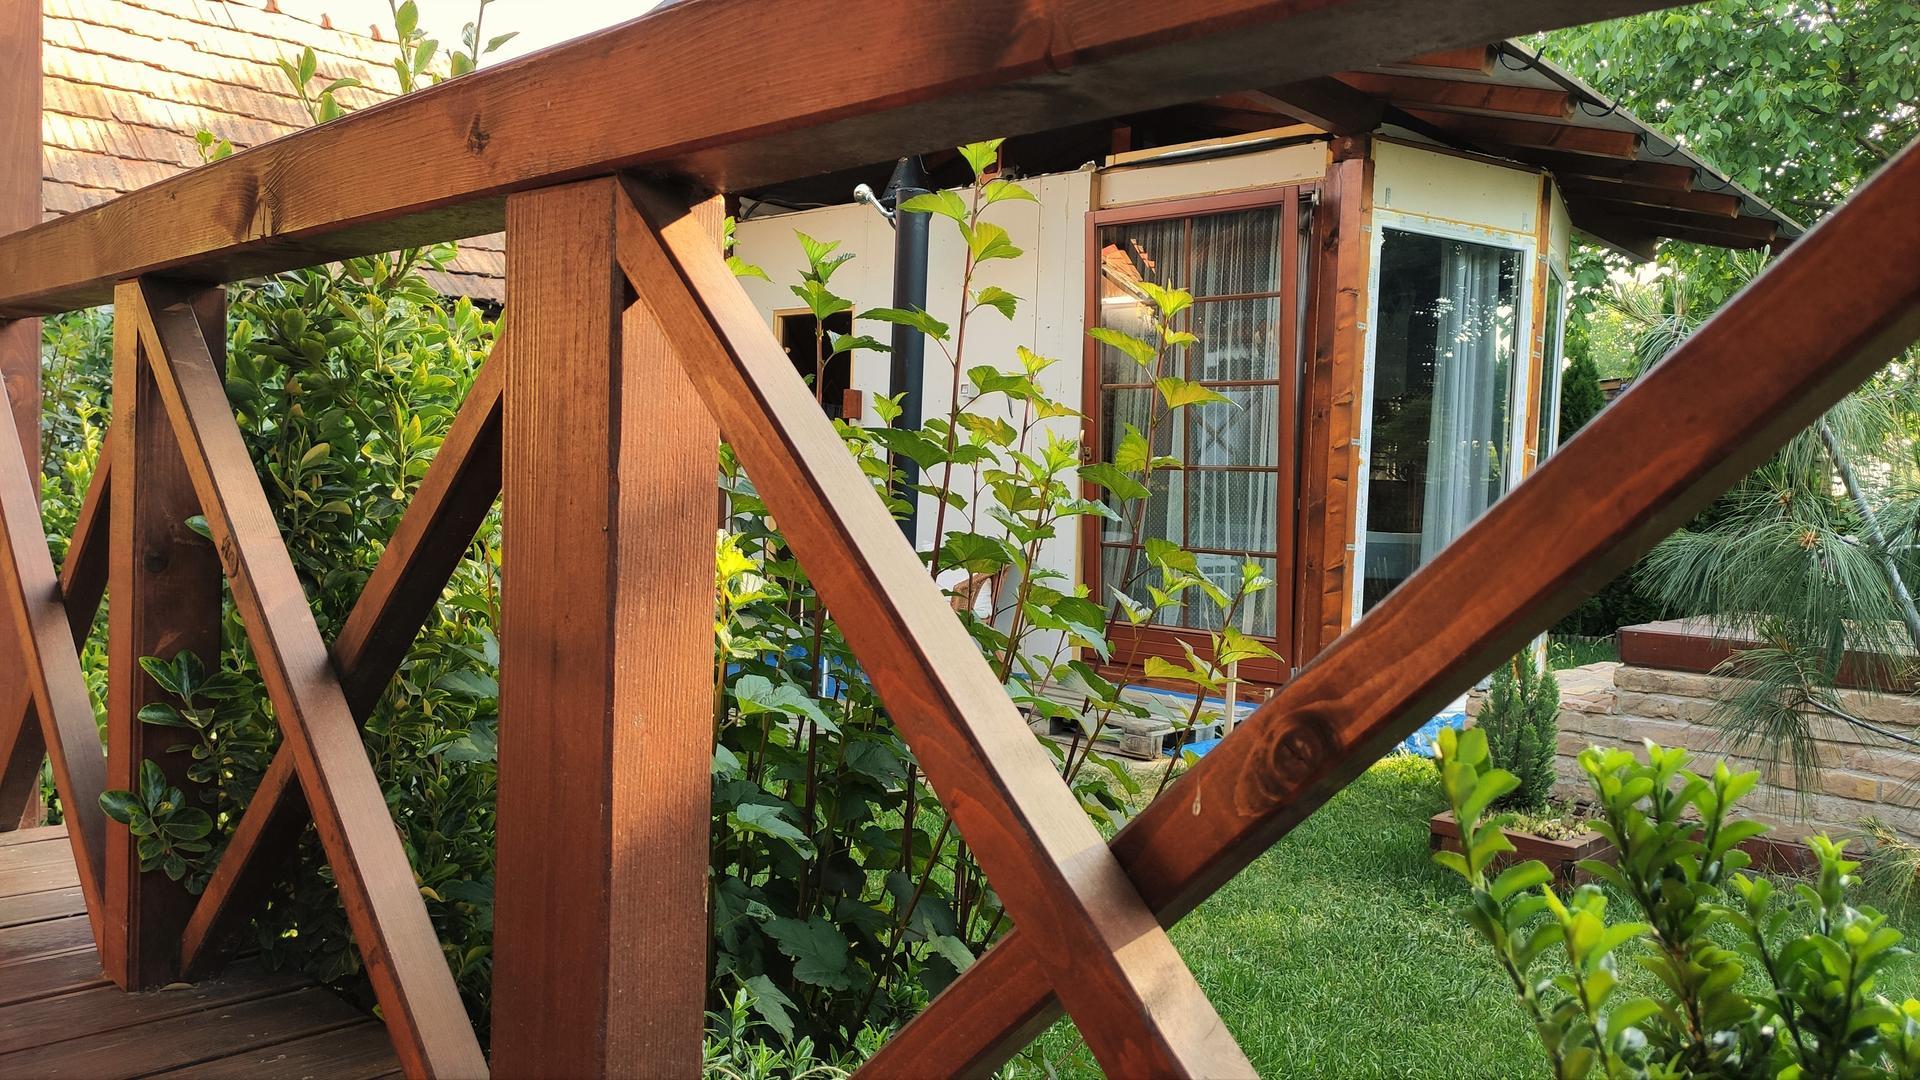 Relaxačný domček sauna a oddychová miestnosť ... plány, príprava a realizácia - Obrázok č. 244